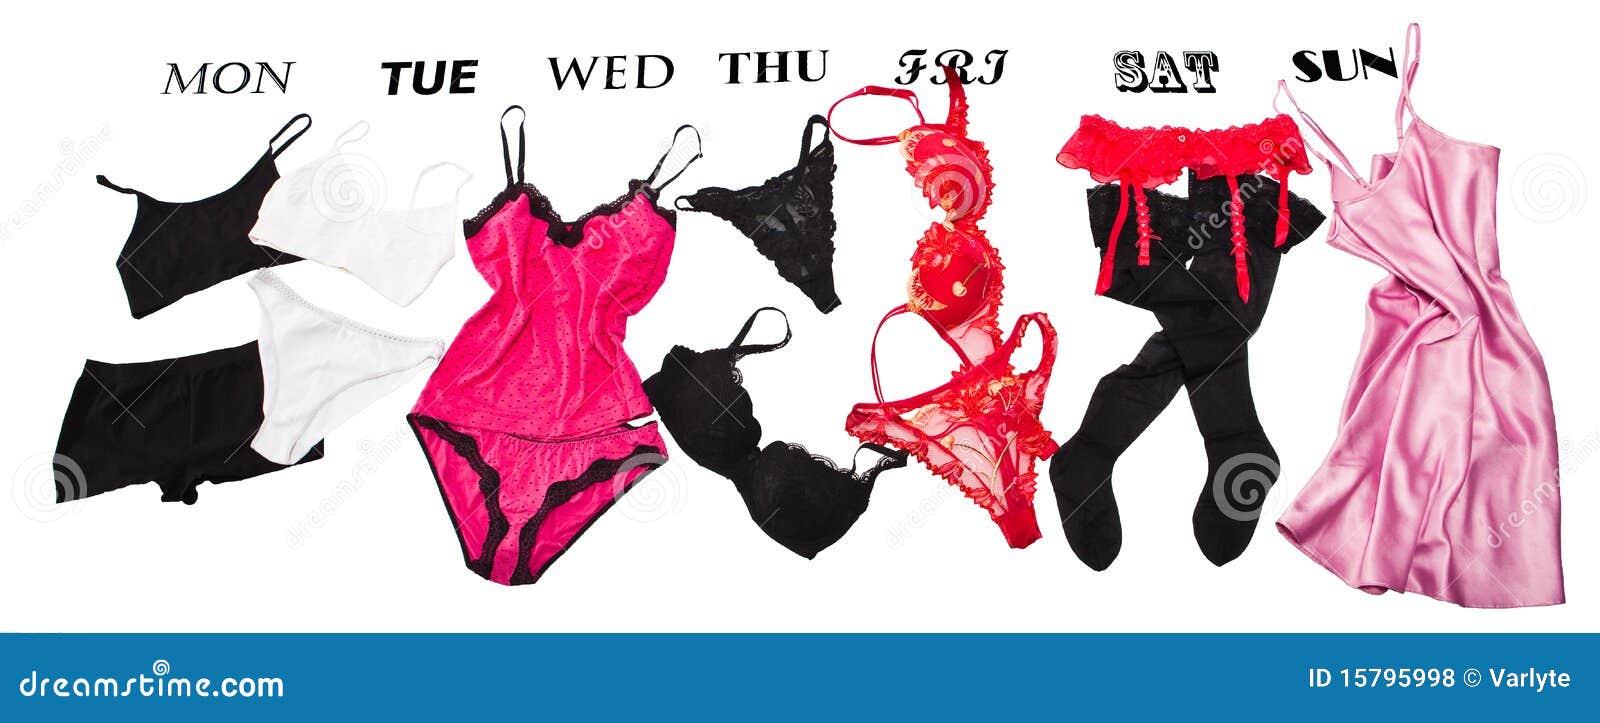 Fotos de archivo libres de regalías Ropa interior femenina para cada